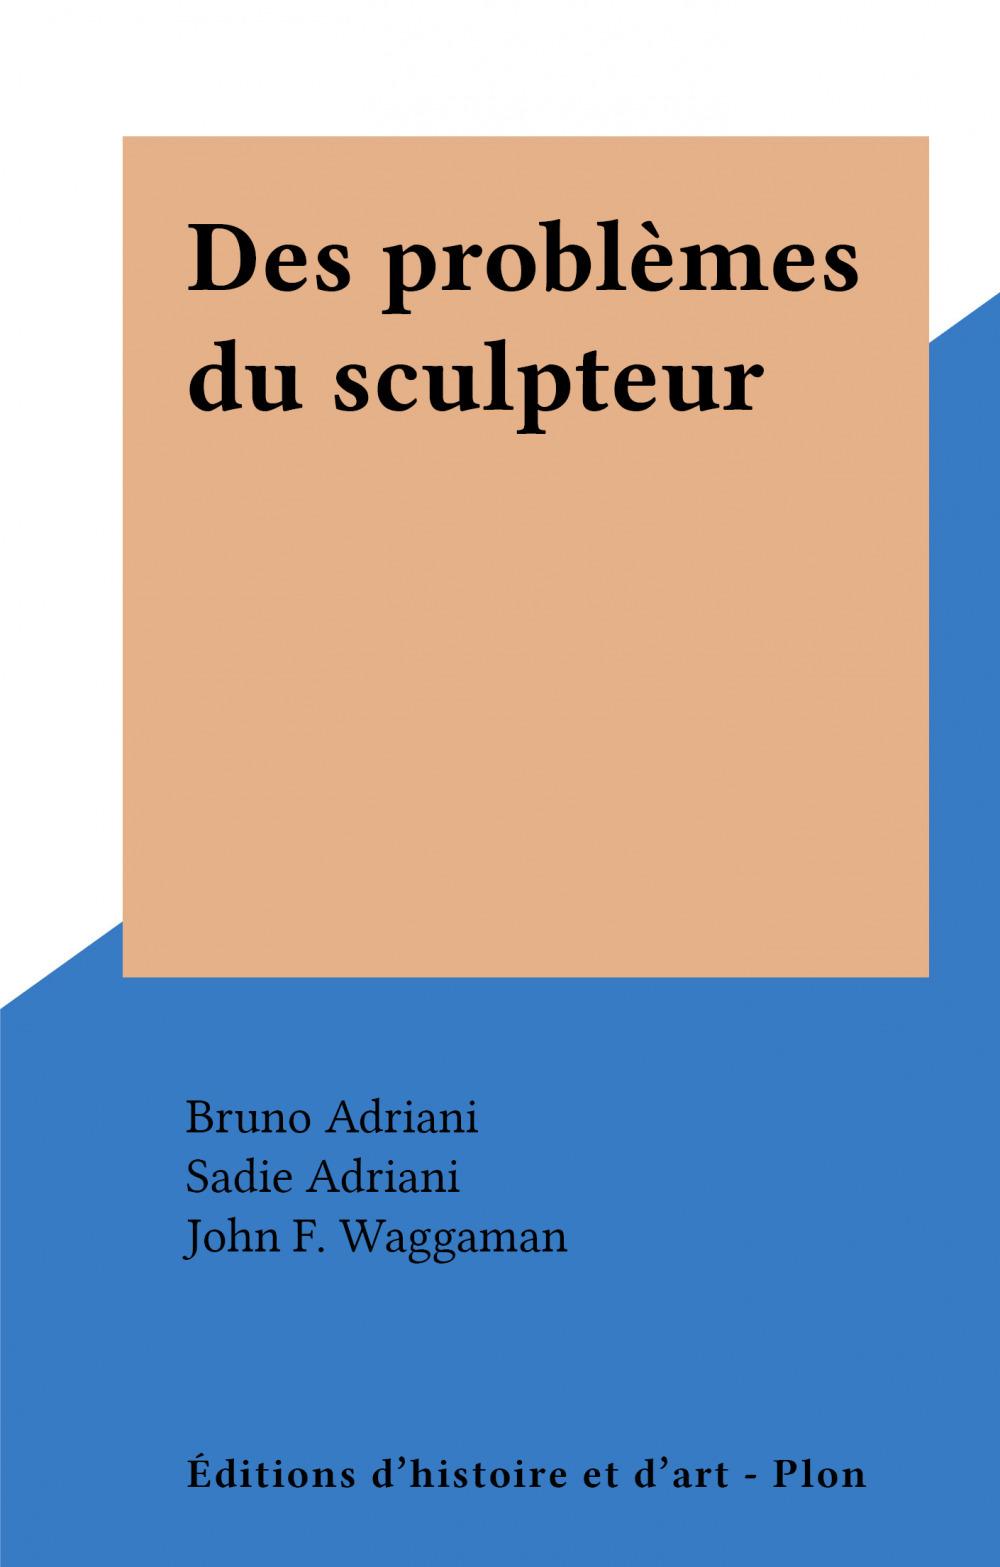 Des problèmes du sculpteur